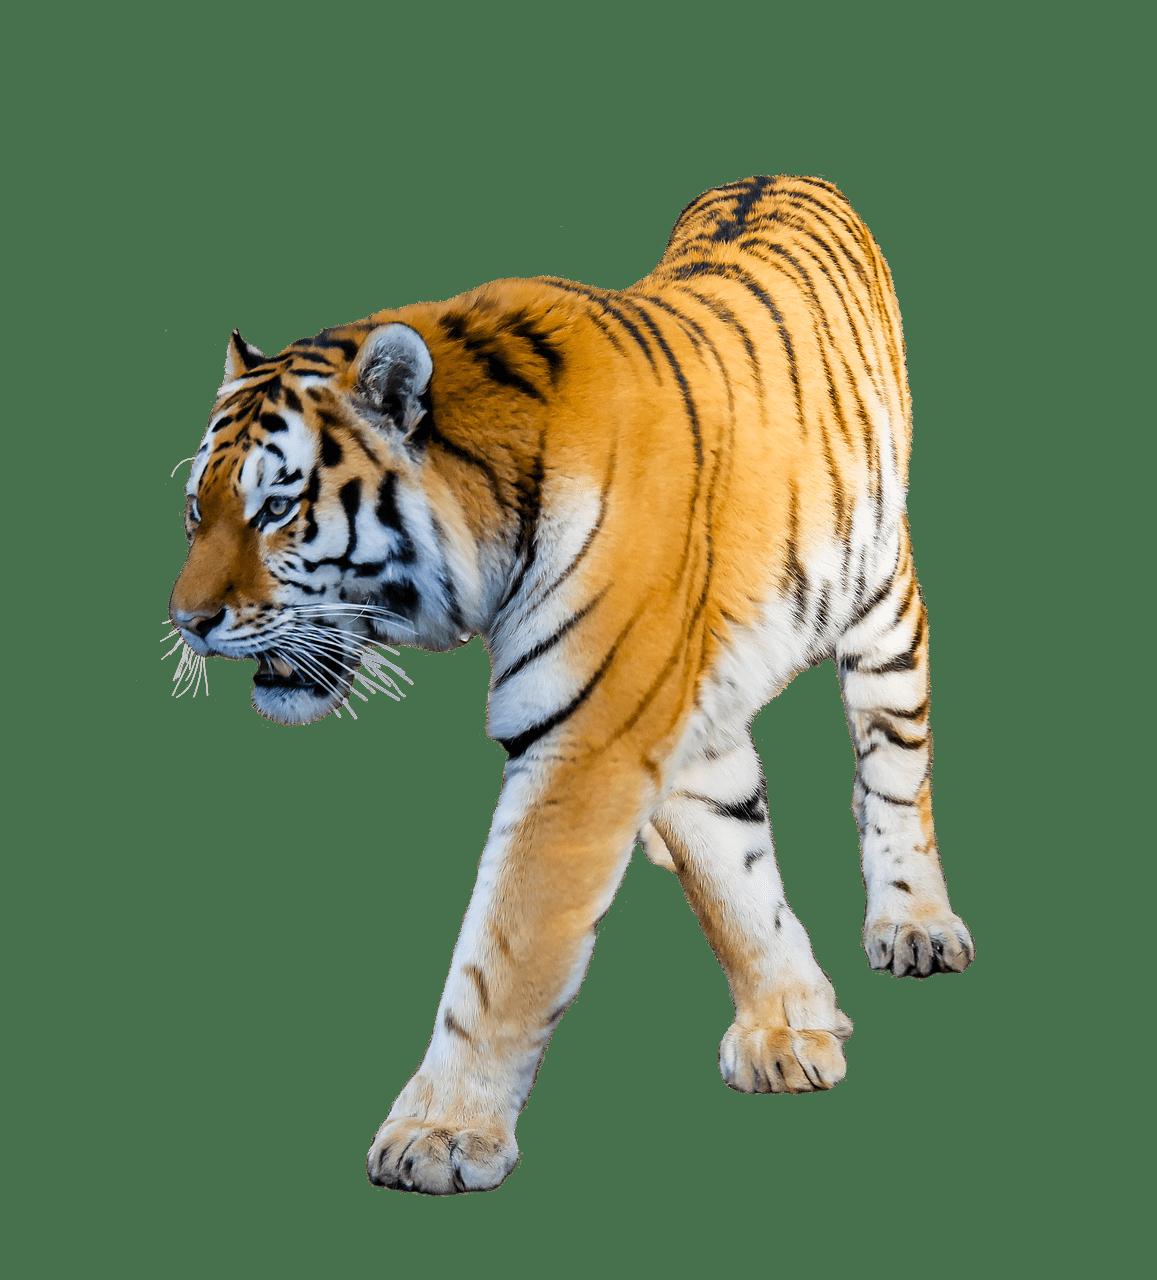 Clipart tiger transparent background. Walking png stickpng